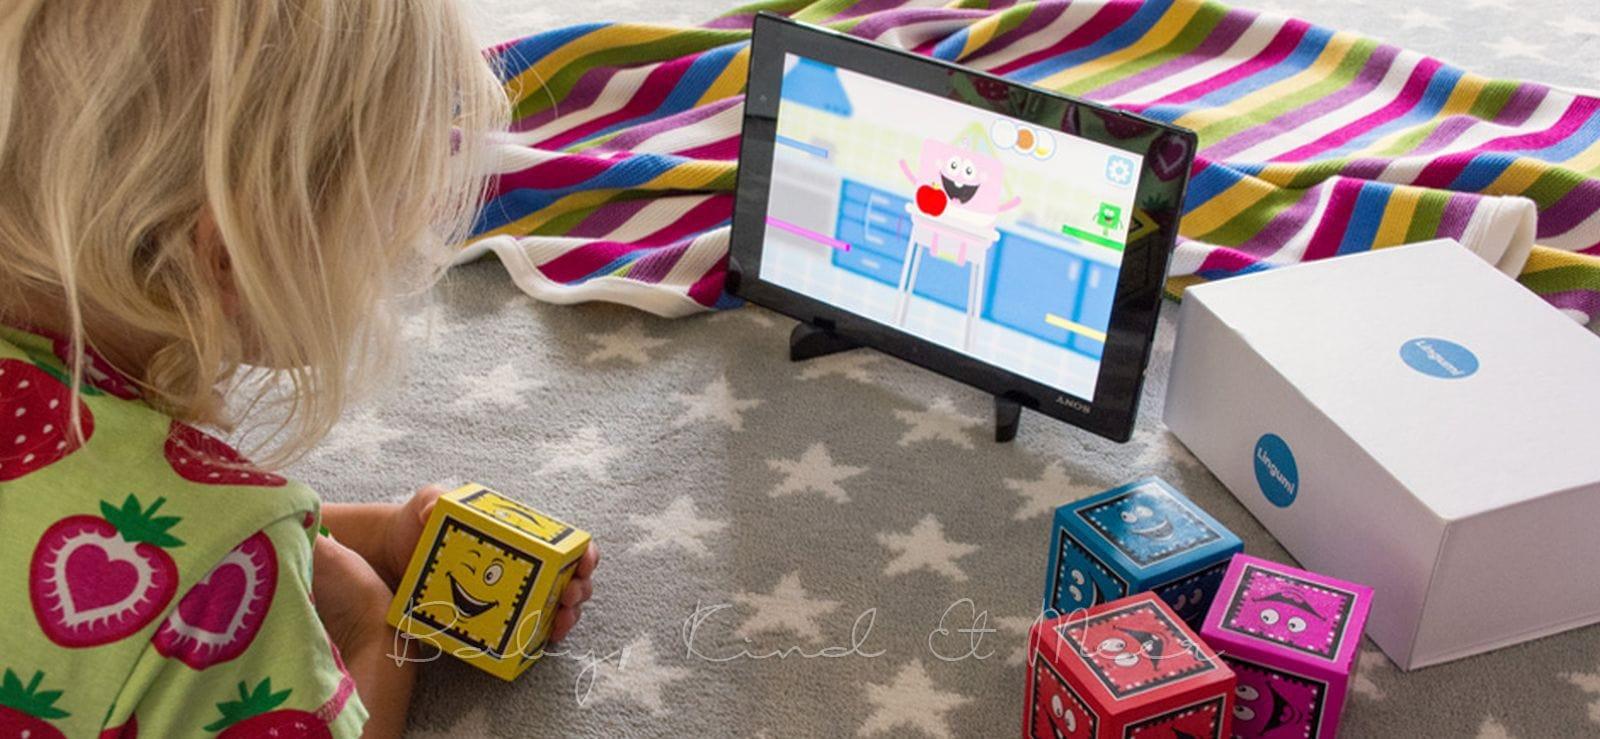 lingumi play spielerisch englisch lernen sch nes n tzliches spielzeug baby kind und meer. Black Bedroom Furniture Sets. Home Design Ideas